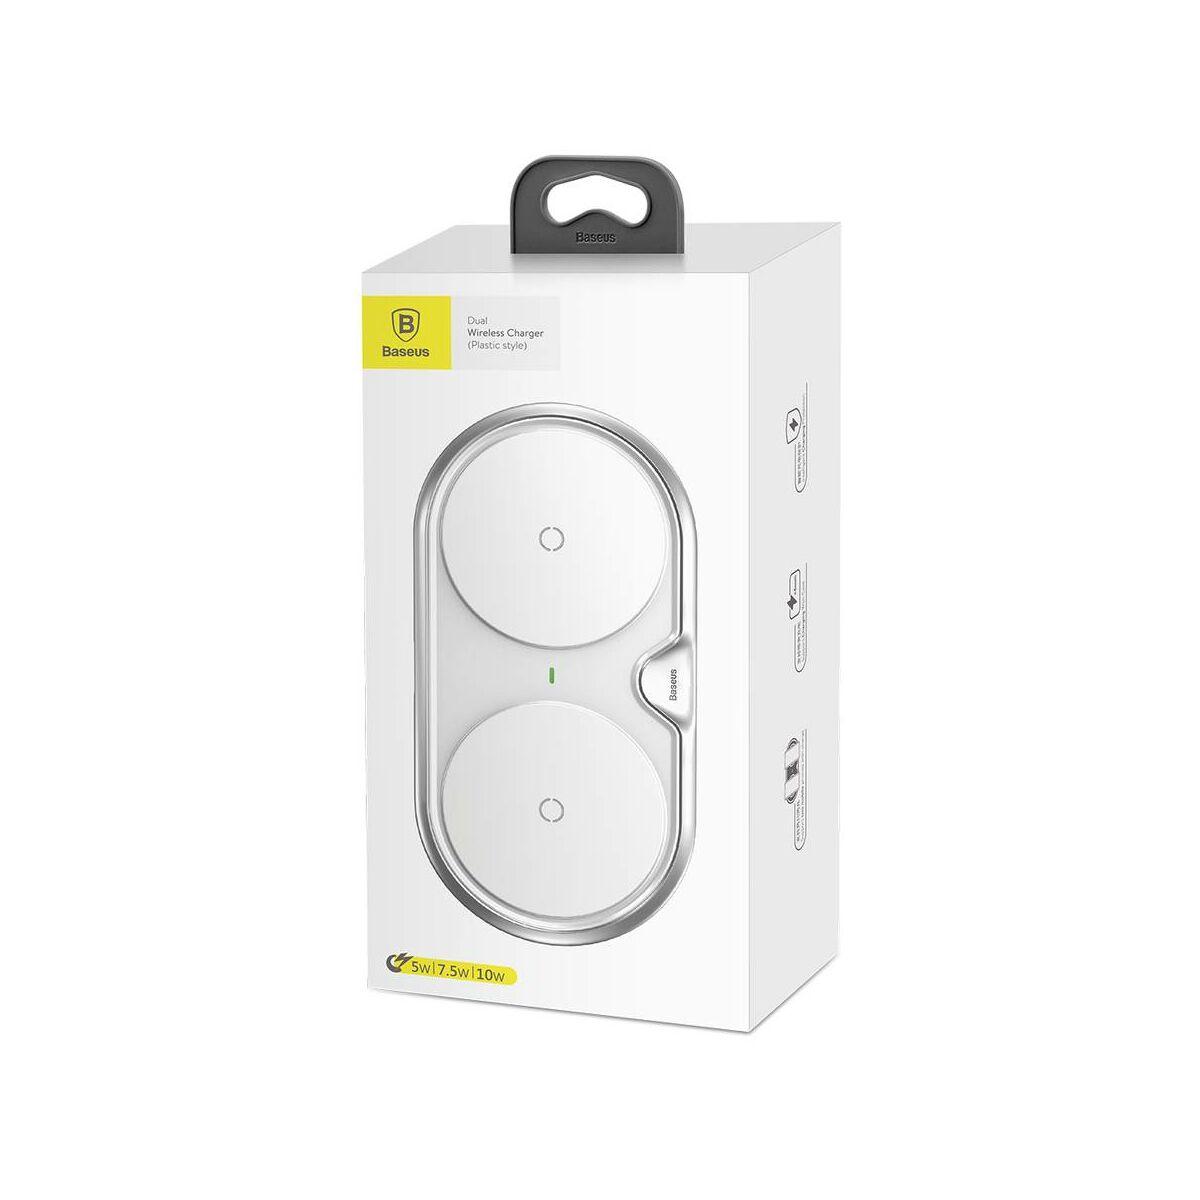 Baseus vezeték nélküli töltő, Dual station 10W/oldal, fehér (WXSJK-02)